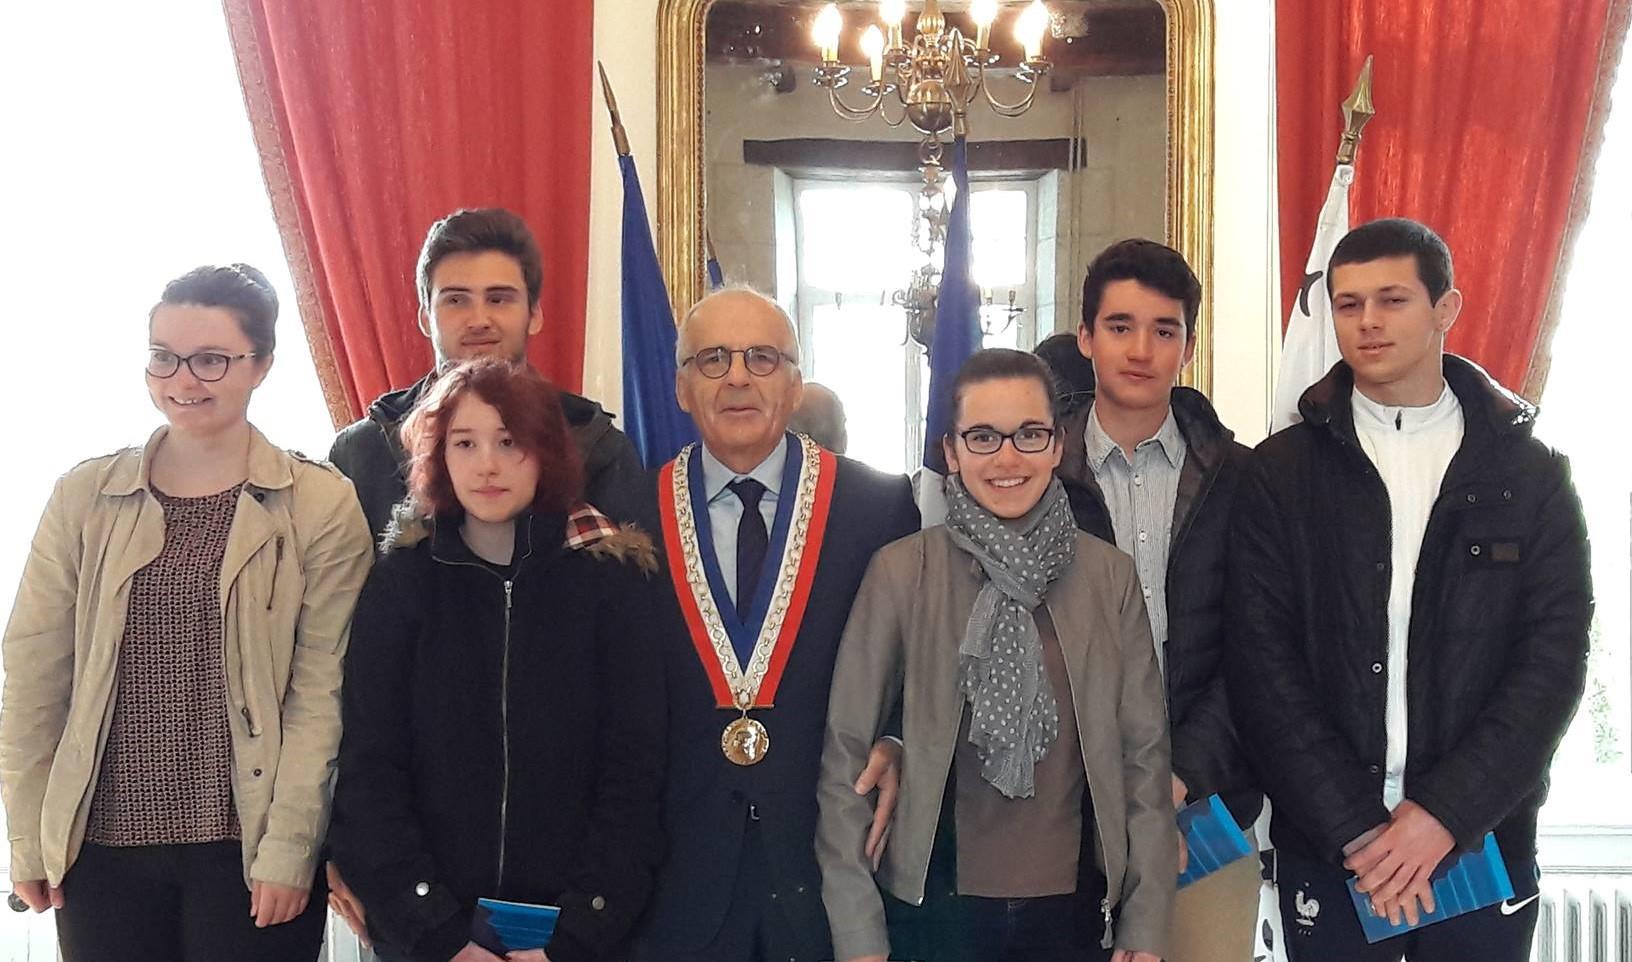 Cérémonie de citoyenneté à Sainte Hermine.